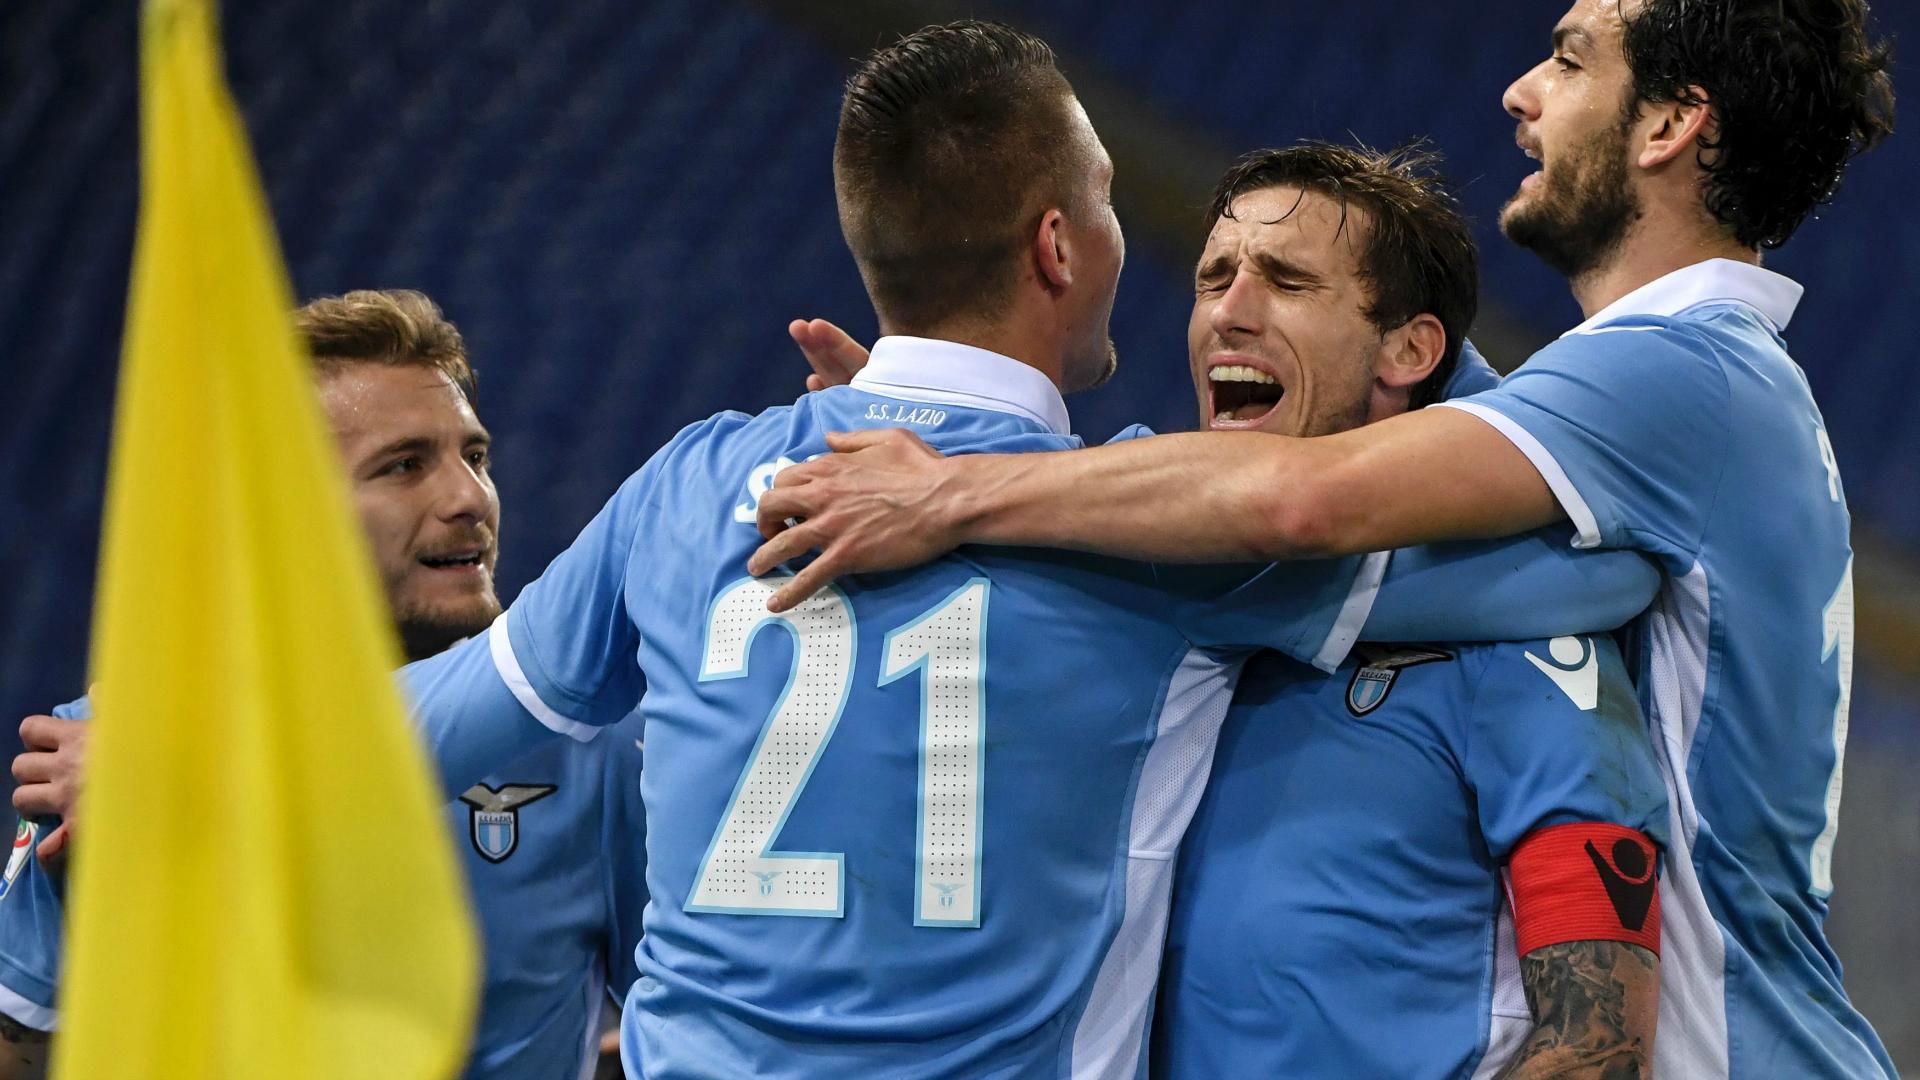 Biglia Lazio Milan Serie A